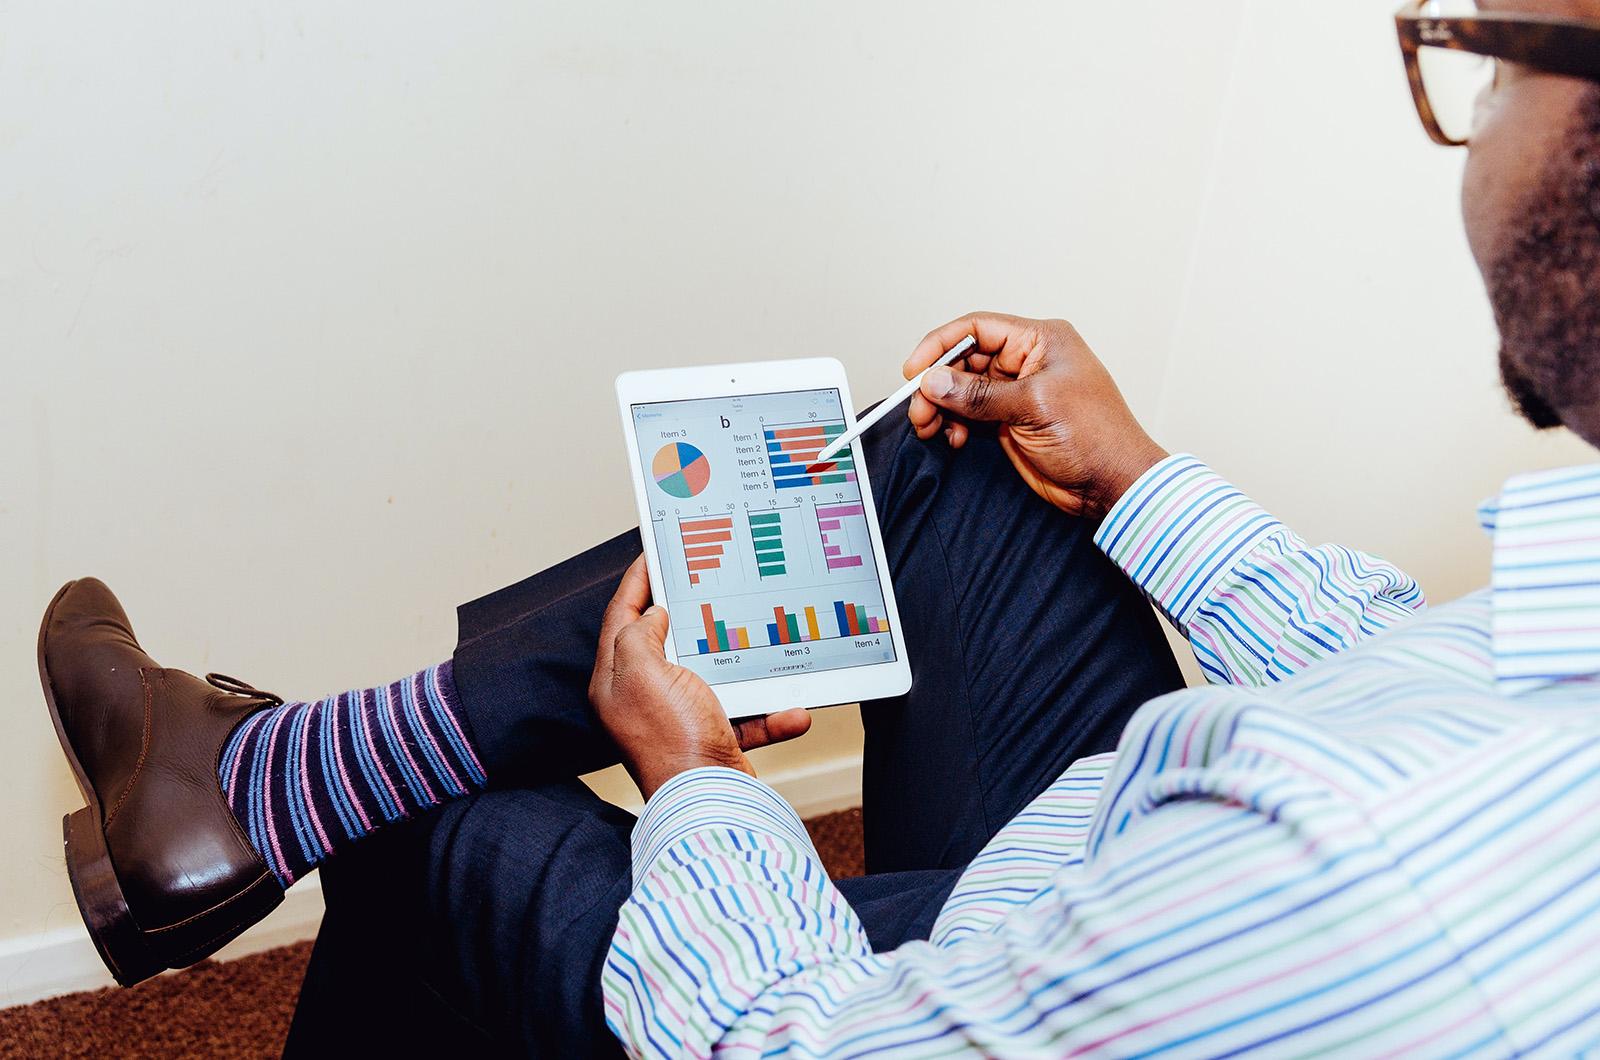 Homem analisa gráficos com resultados sobre marketing digital